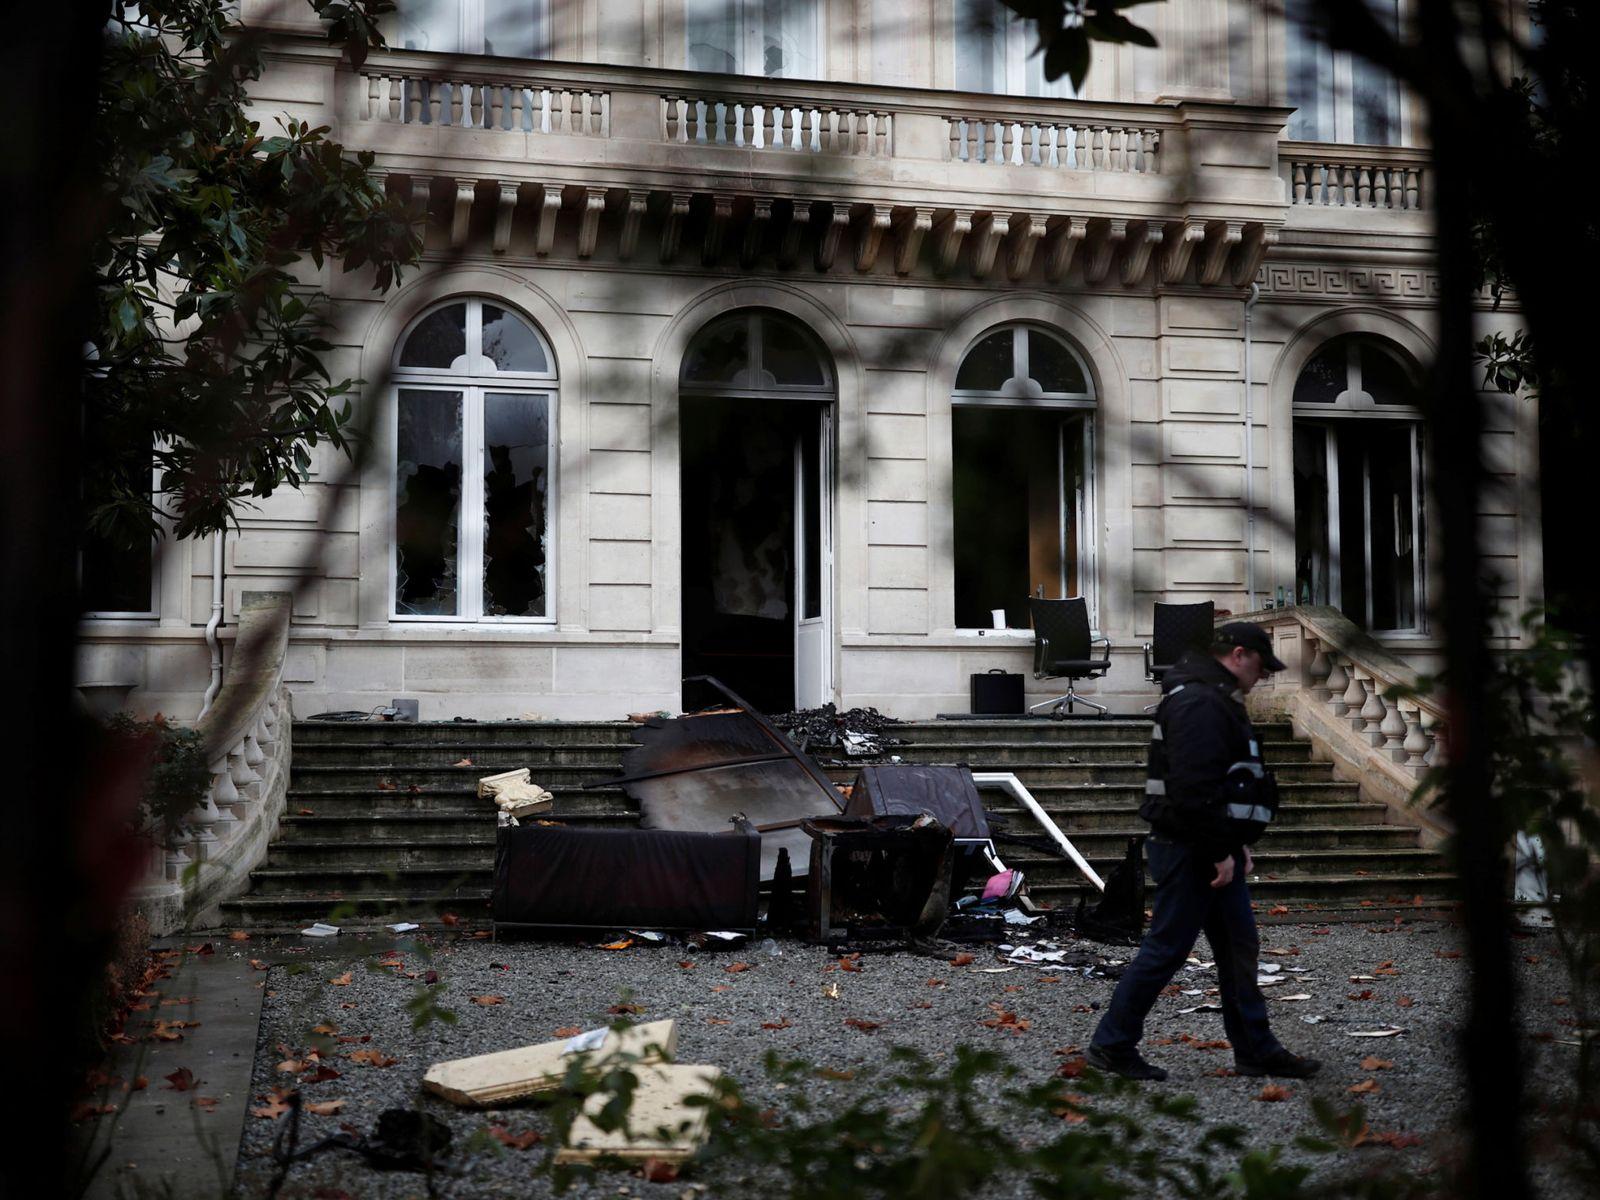 کاهش ۵۰ درصدی گردشگران در پاریس در پی آشوبهای اخیر فرانسه+تصاویر